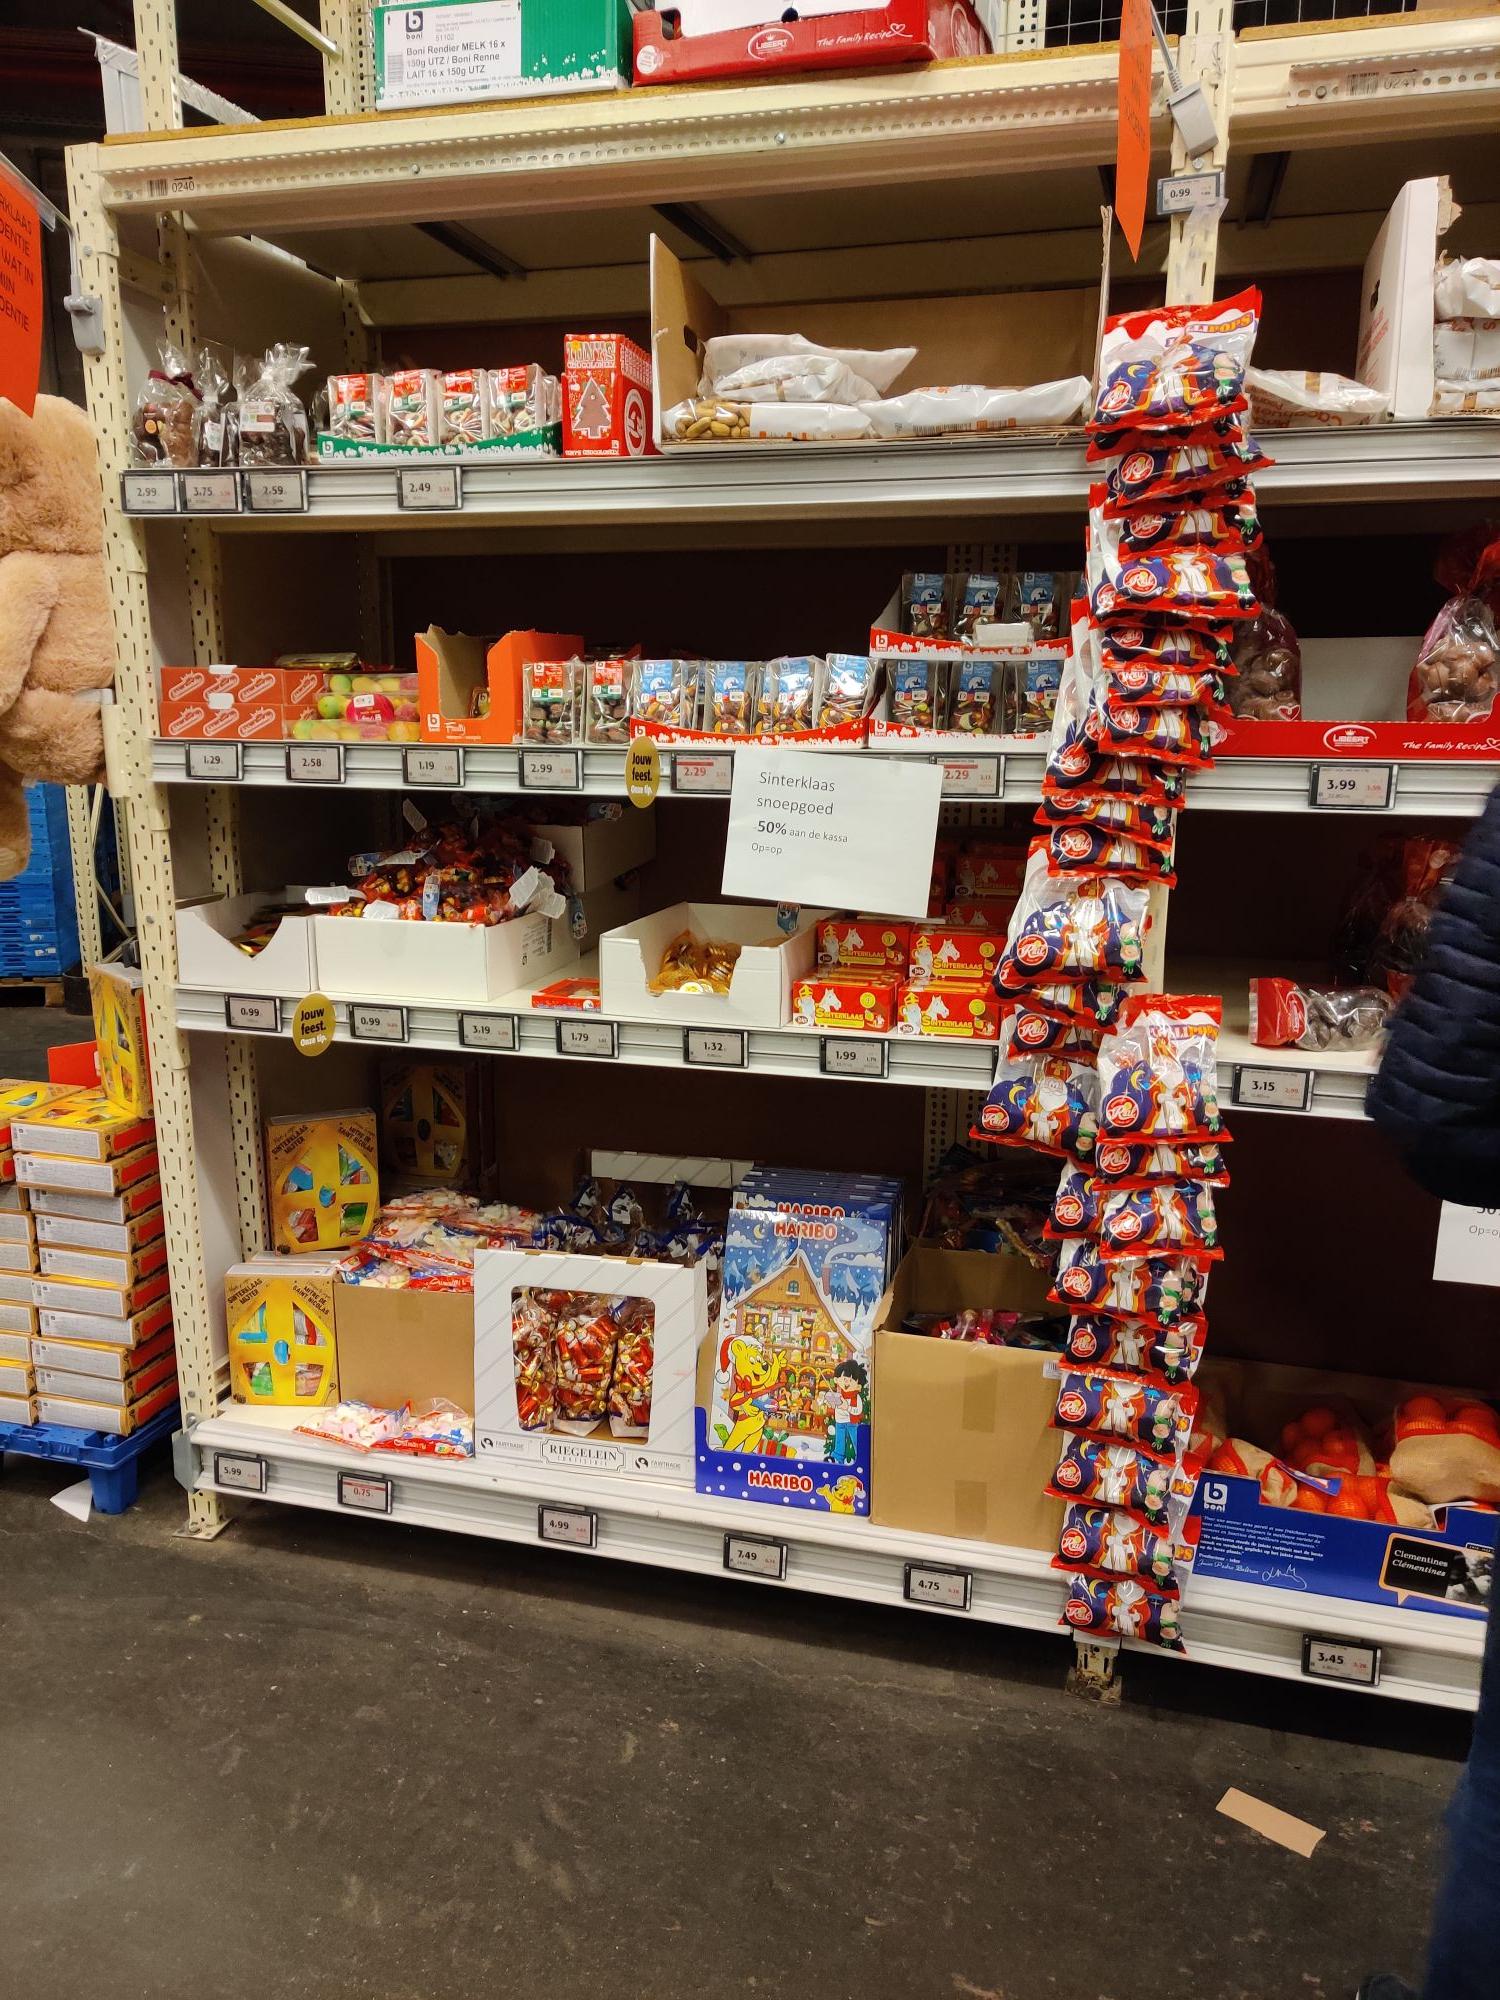 [GRENSDEAL BELGIË] alle Sinterklaas snoep aan 50% bij Colruyt